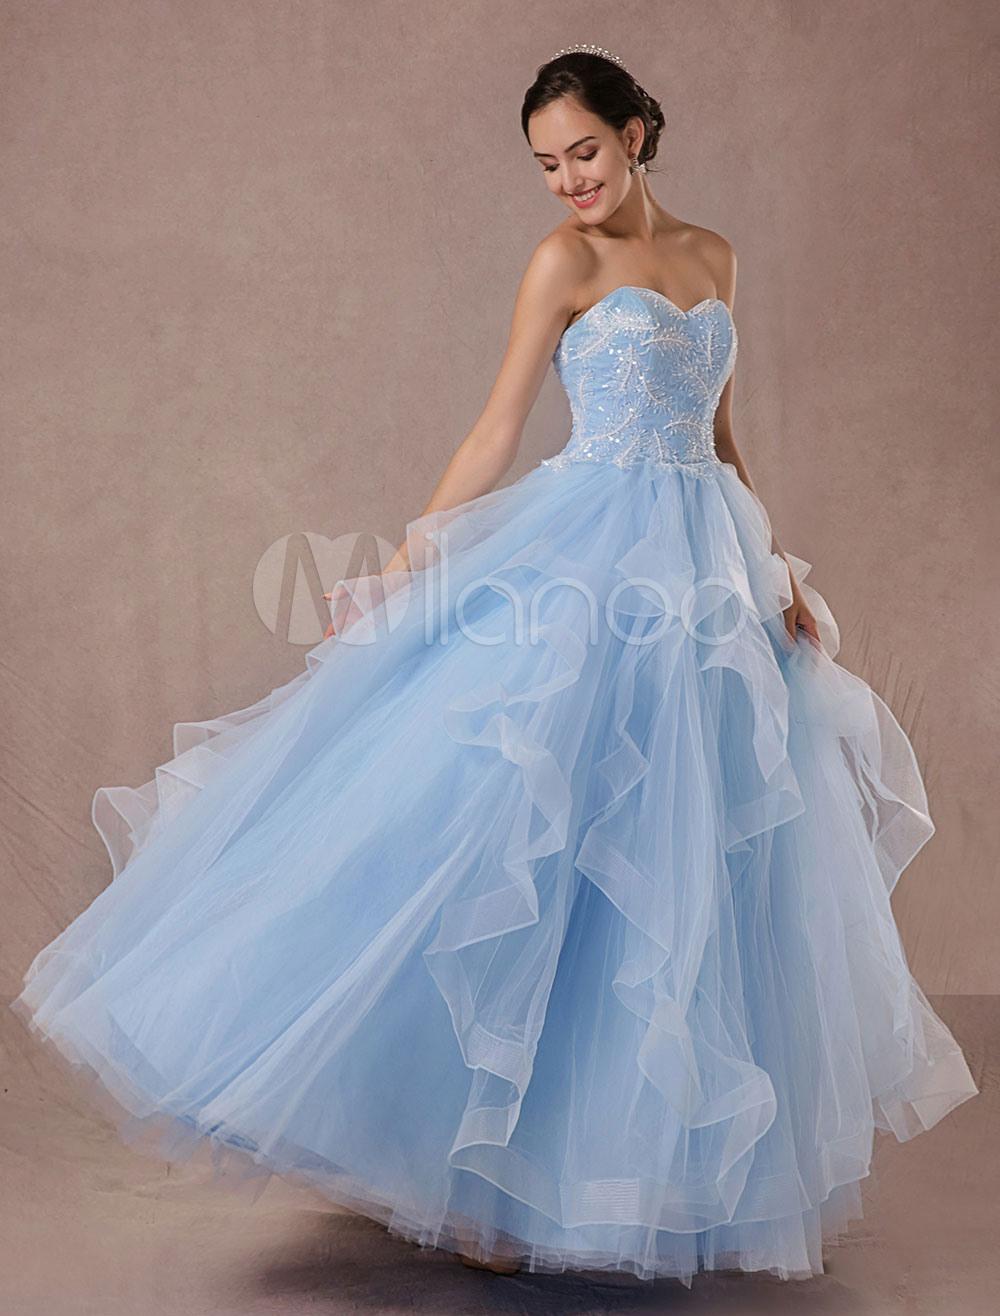 Blaue Hochzeitskleid Tüll Ball Kleid Spitze Applique Trägerloser Ausschnitt  Sicke Prinzessin Brautkleid Rückenfrei Bodenlangen Festzug Kleid